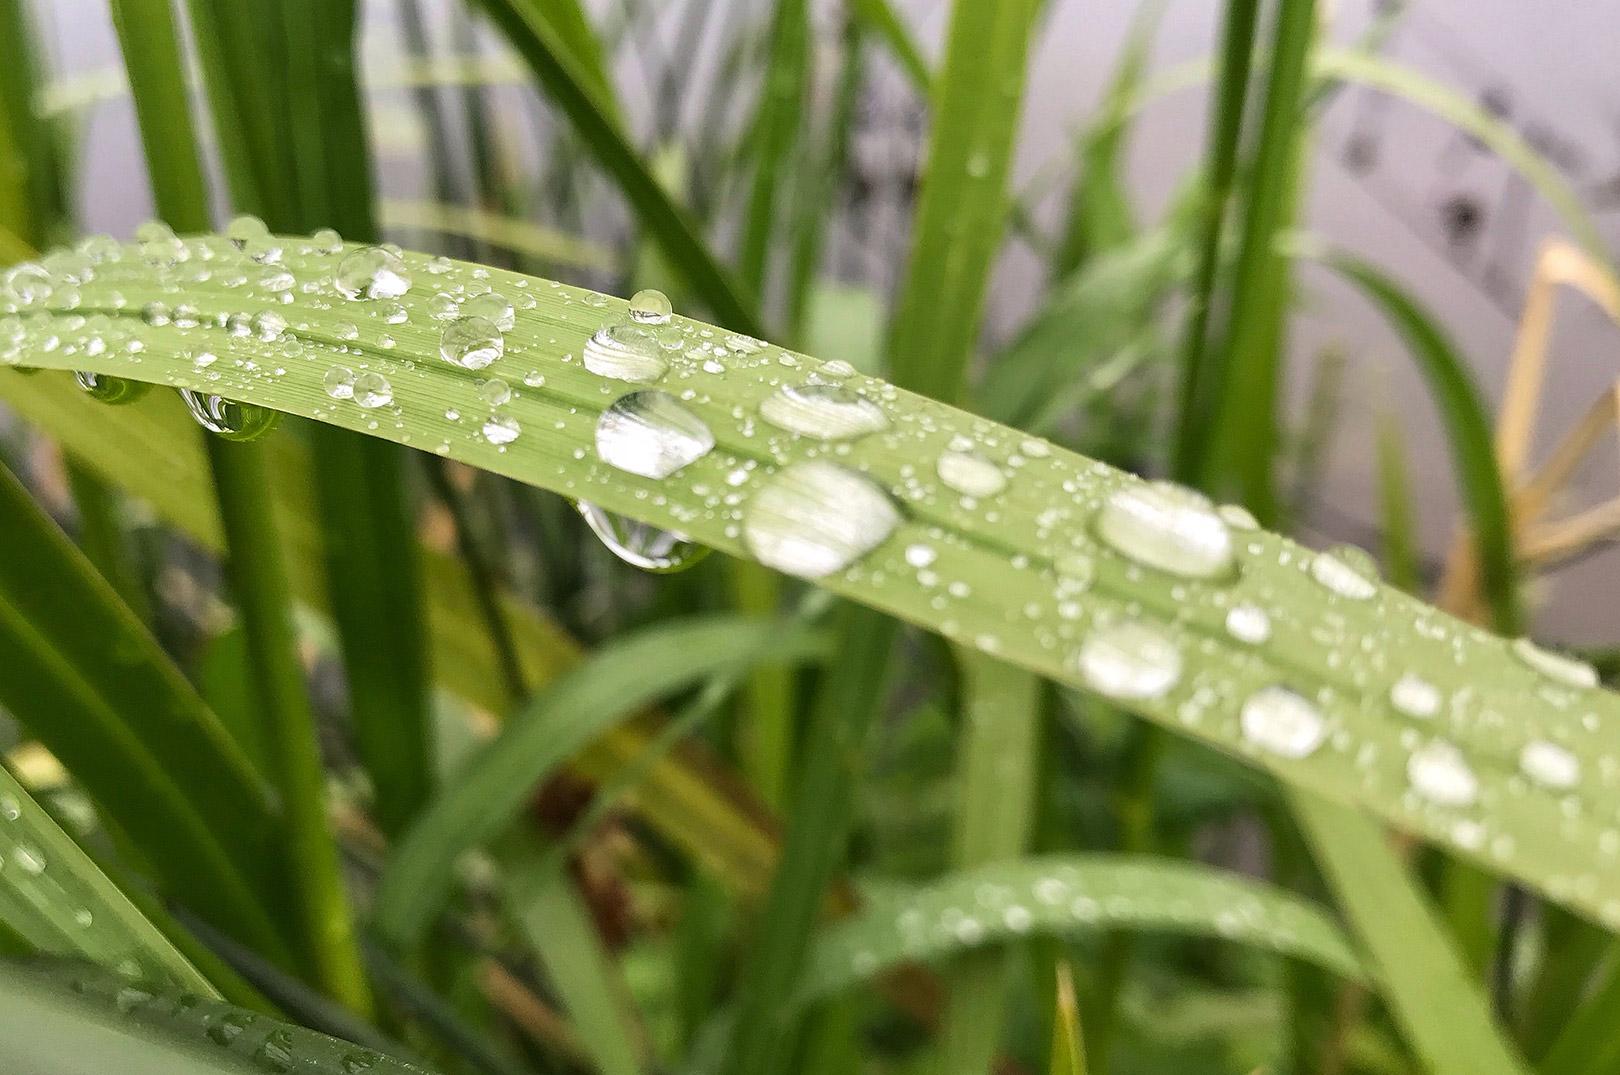 Regndråber